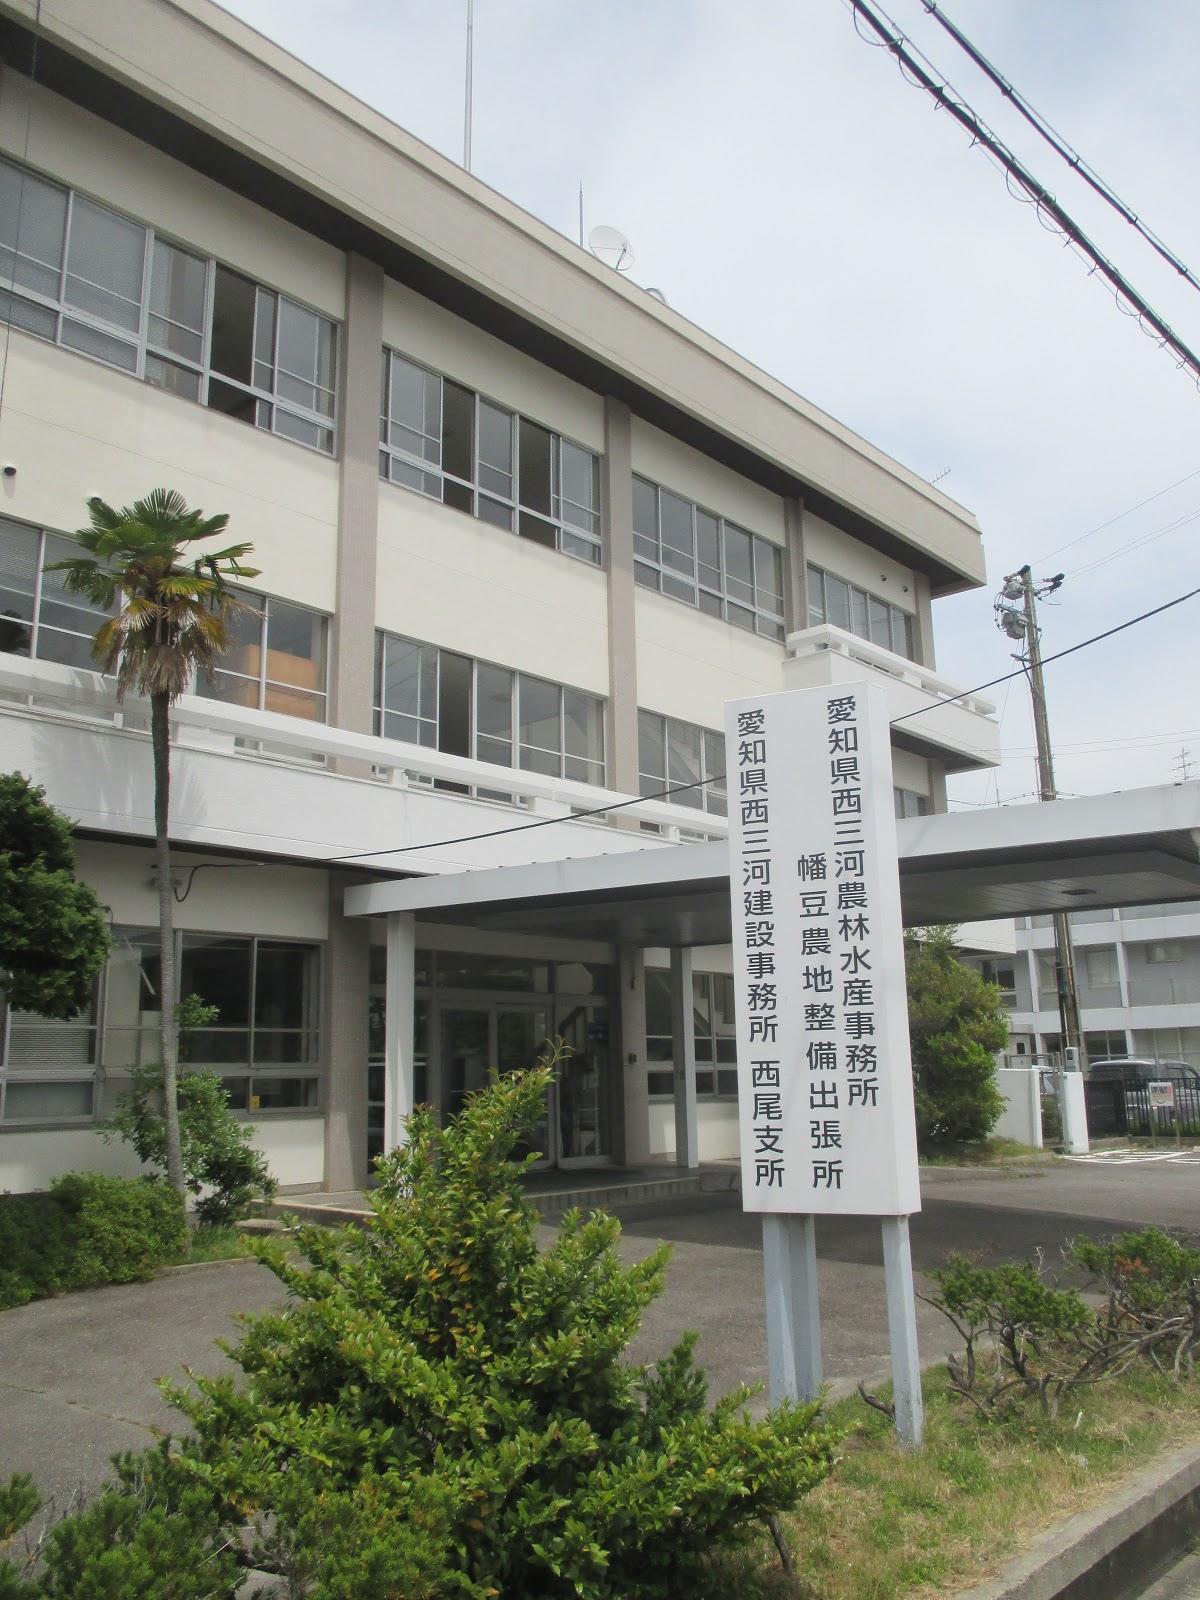 所 西 事務 三河 建設 愛知県幹部職員一覧